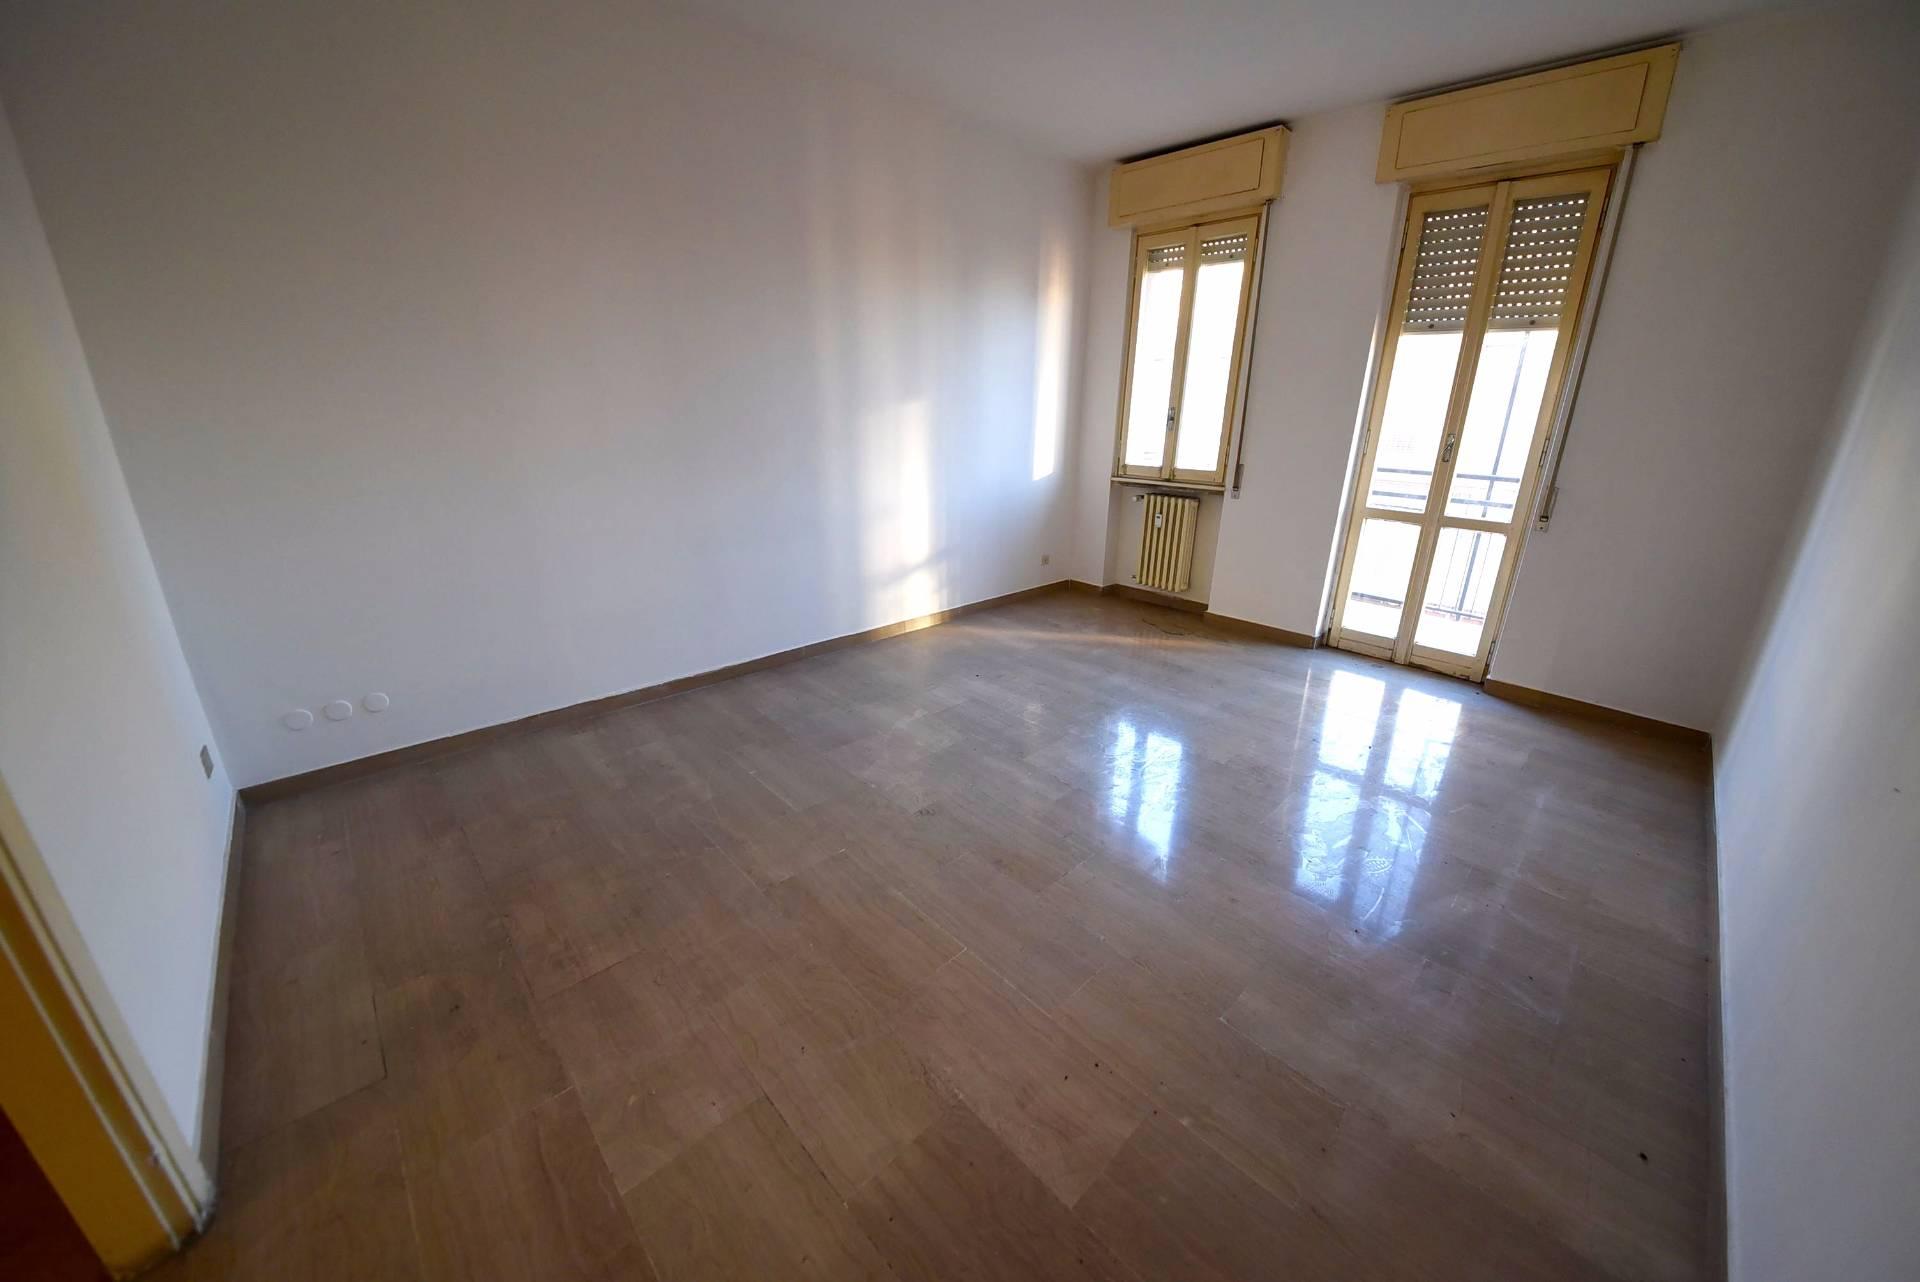 Appartamento in vendita a Saronno, 3 locali, zona Zona: Centro, prezzo € 123.000 | CambioCasa.it